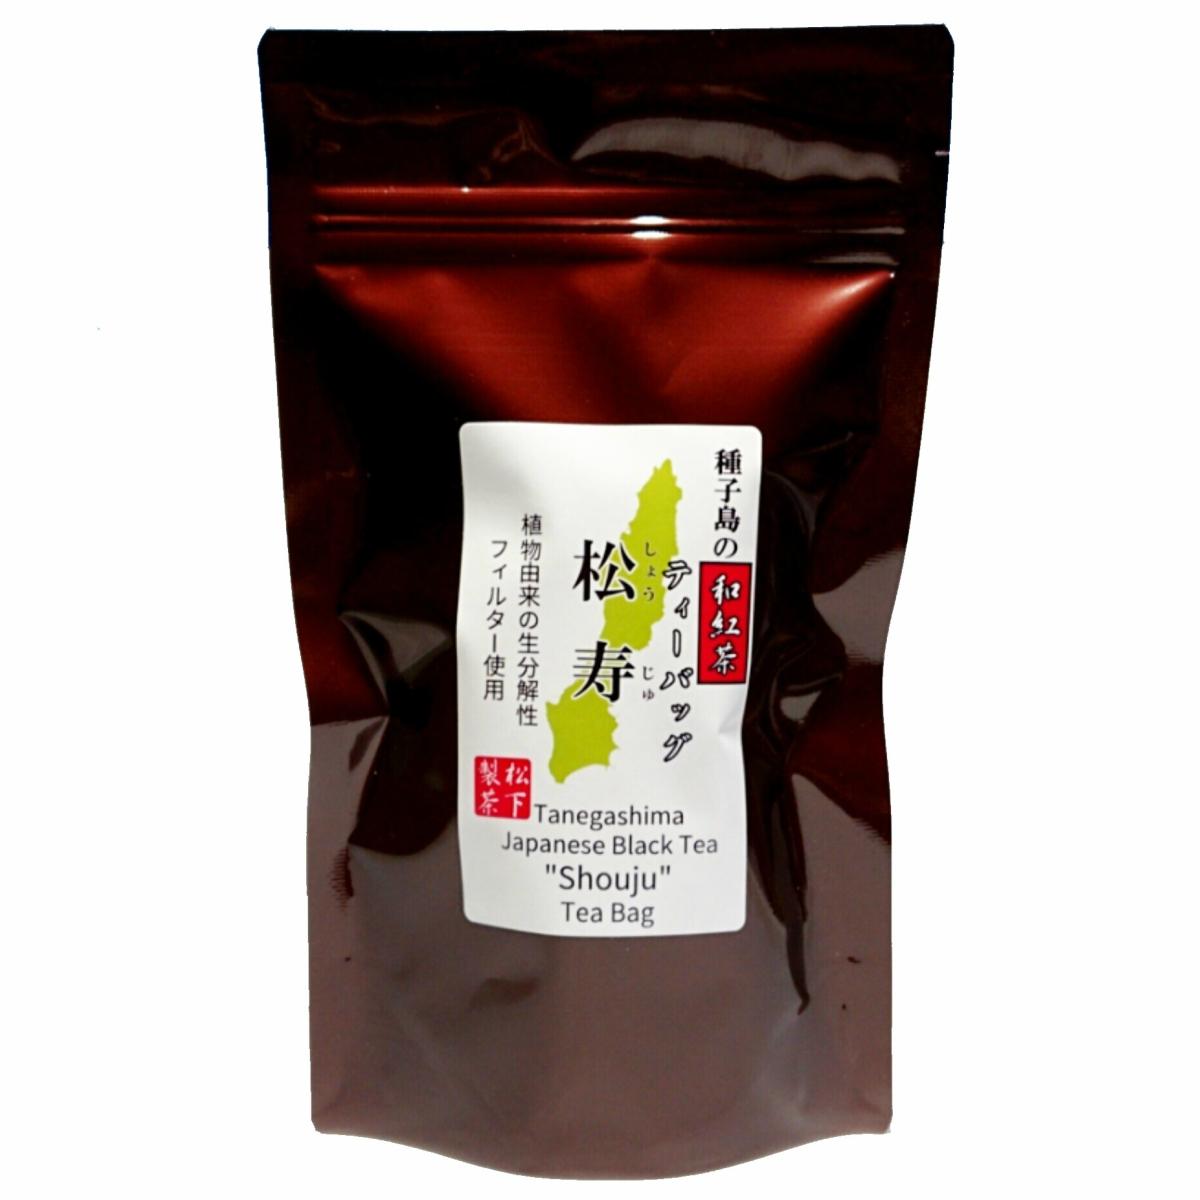 【希少品種】種子島の和紅茶ティーバッグ『松寿(しょうじゅ)』 40g(2.5g×16袋入り) 松下製茶